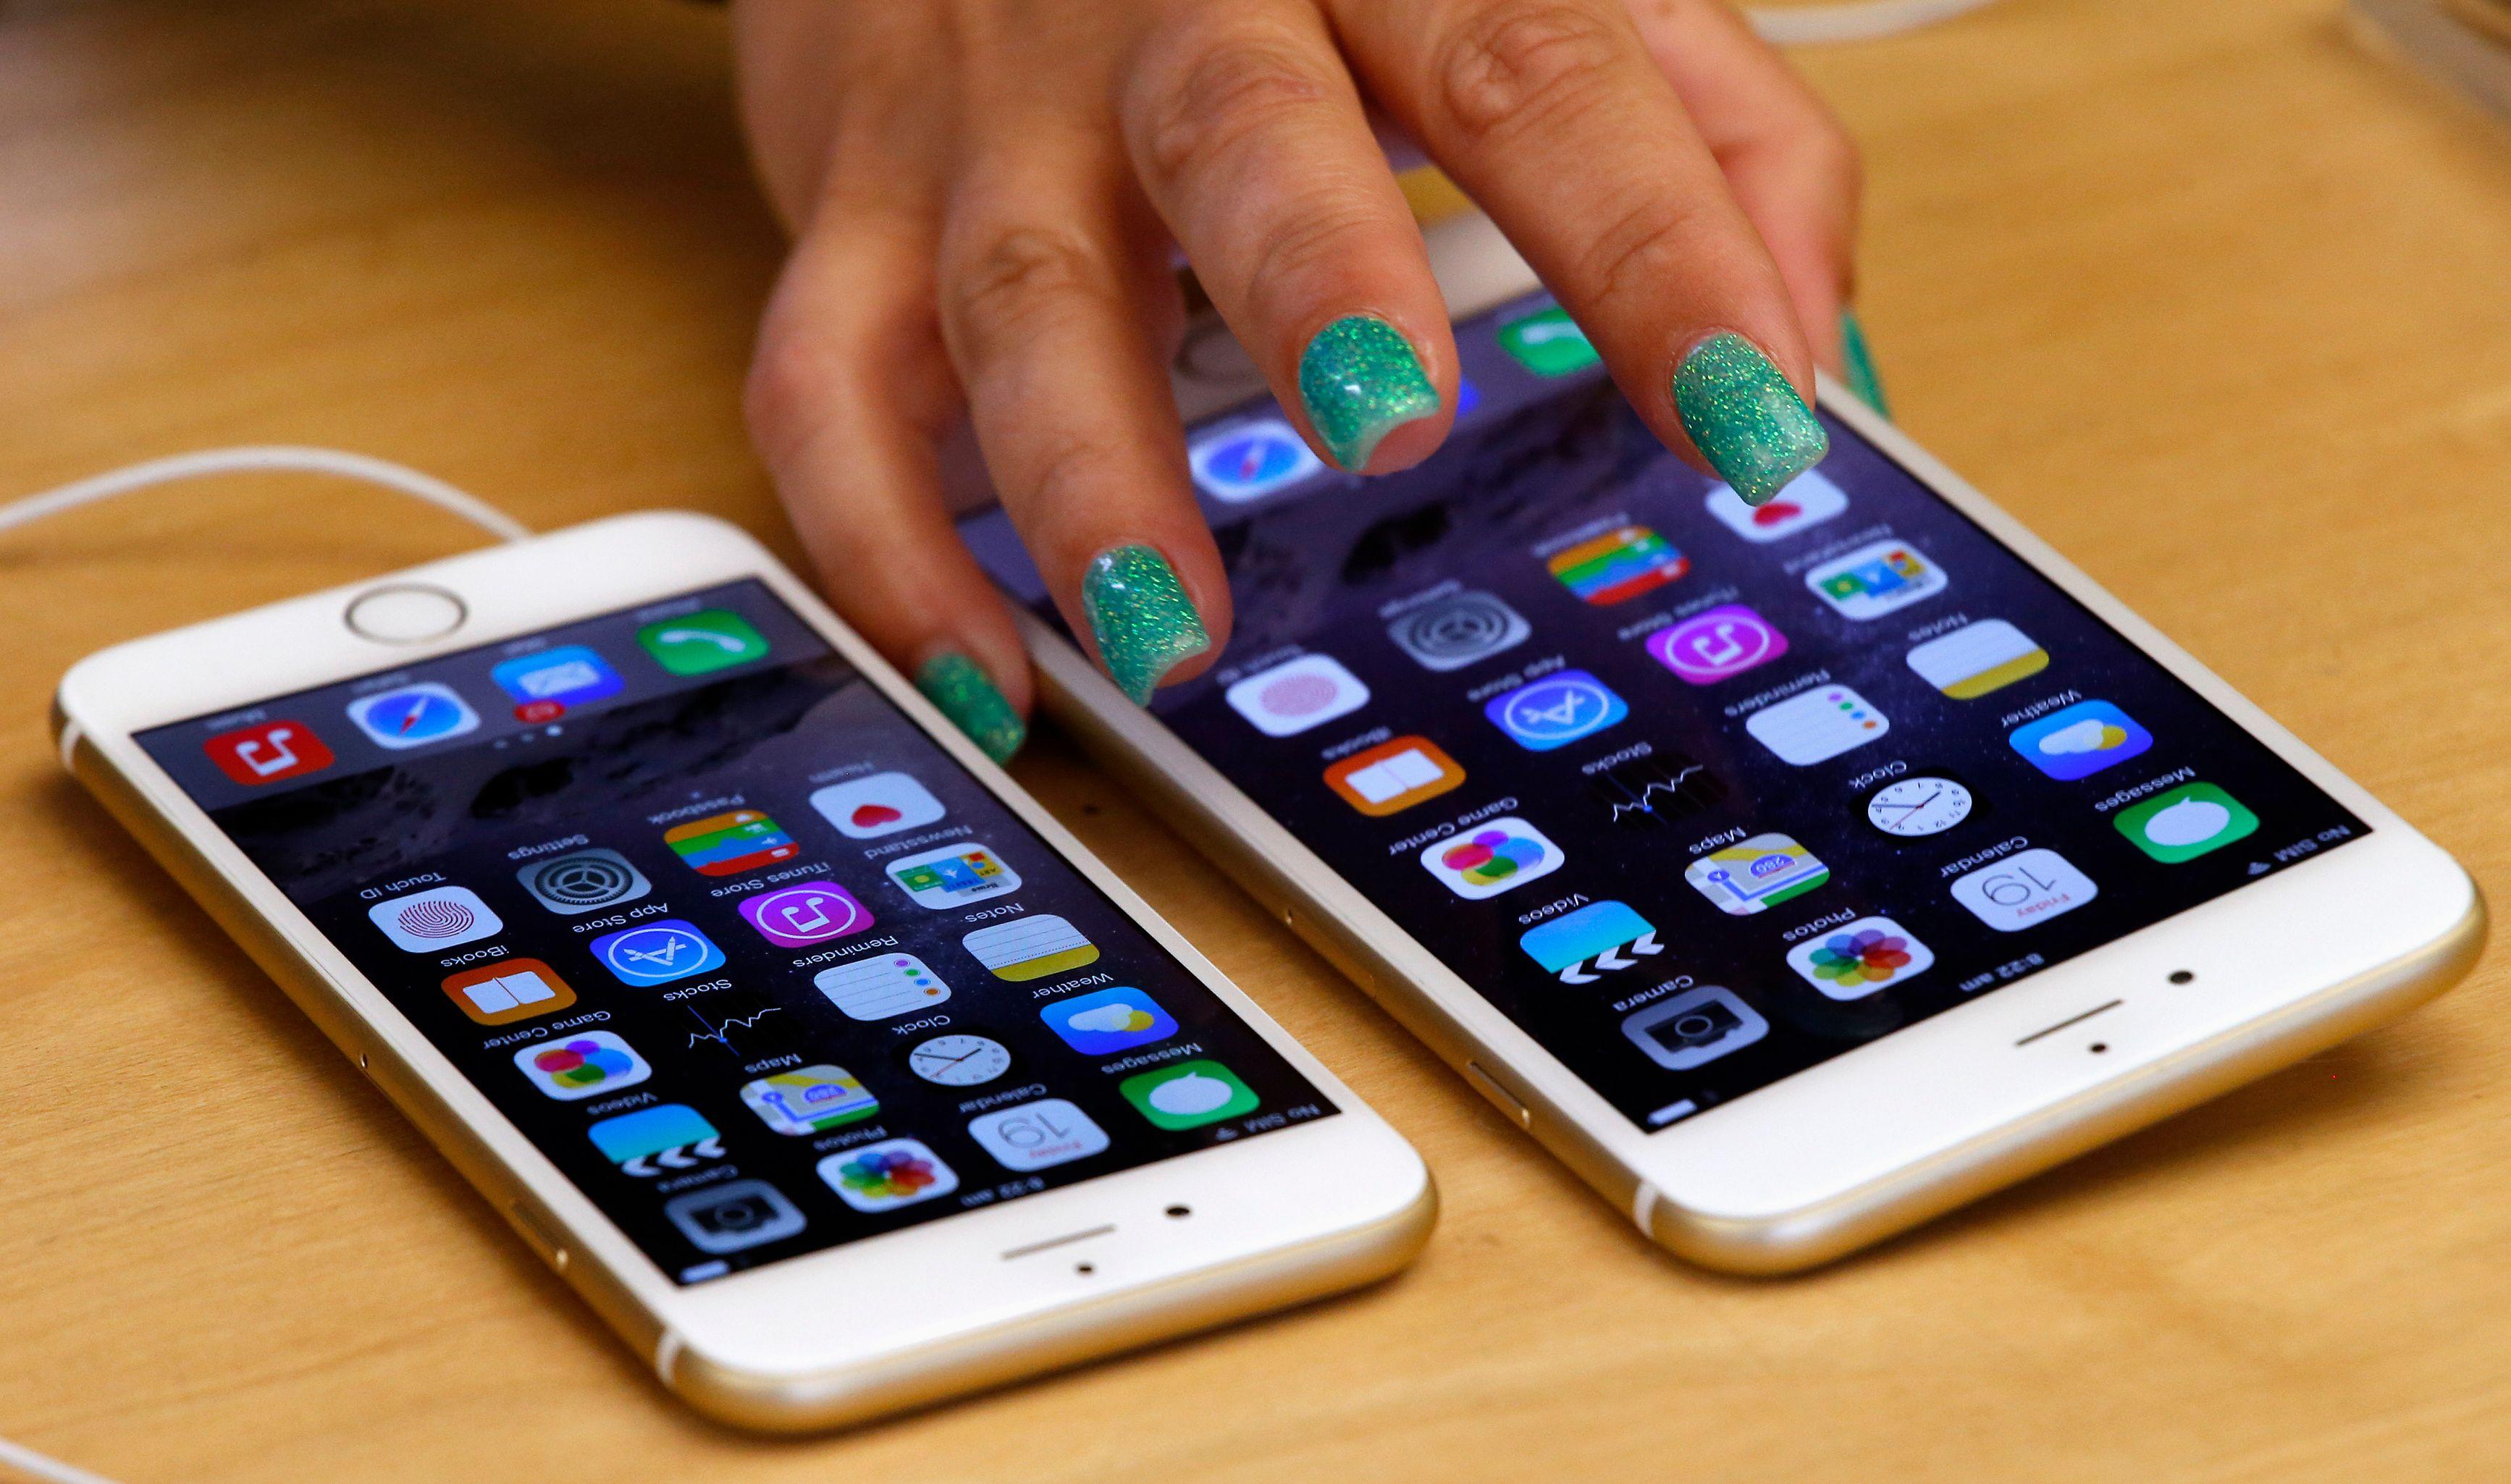 Les traces chimiques que vous laissez sur votre smartphone en disent long sur vous et votre mode de vie